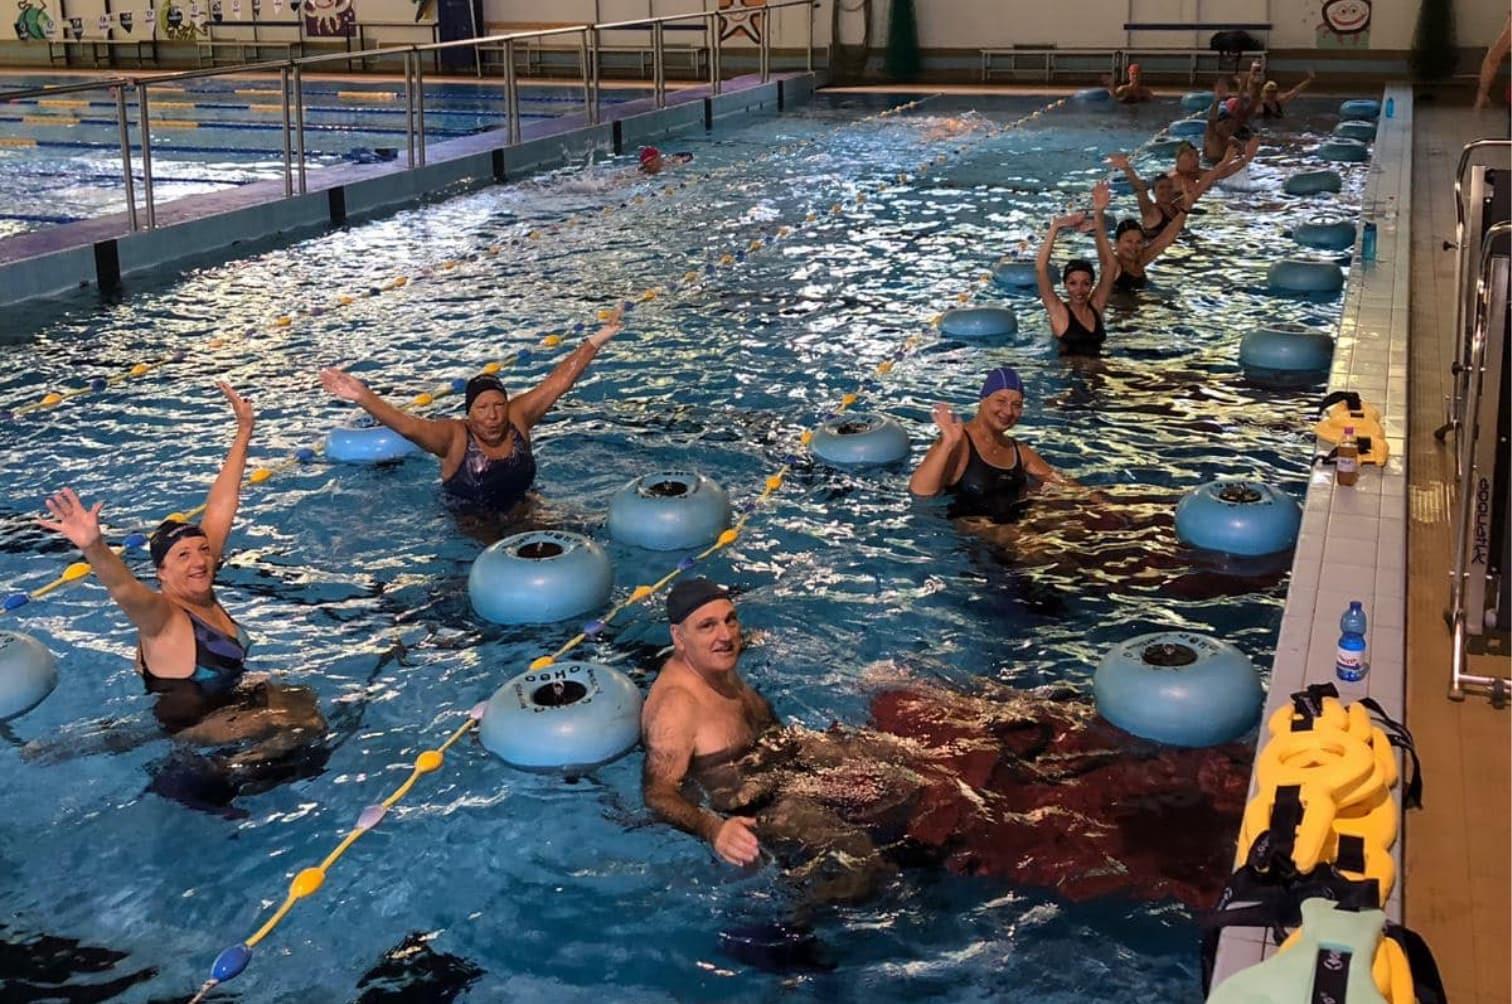 lago-figoi-corsi-fitness-acqua-acquabike